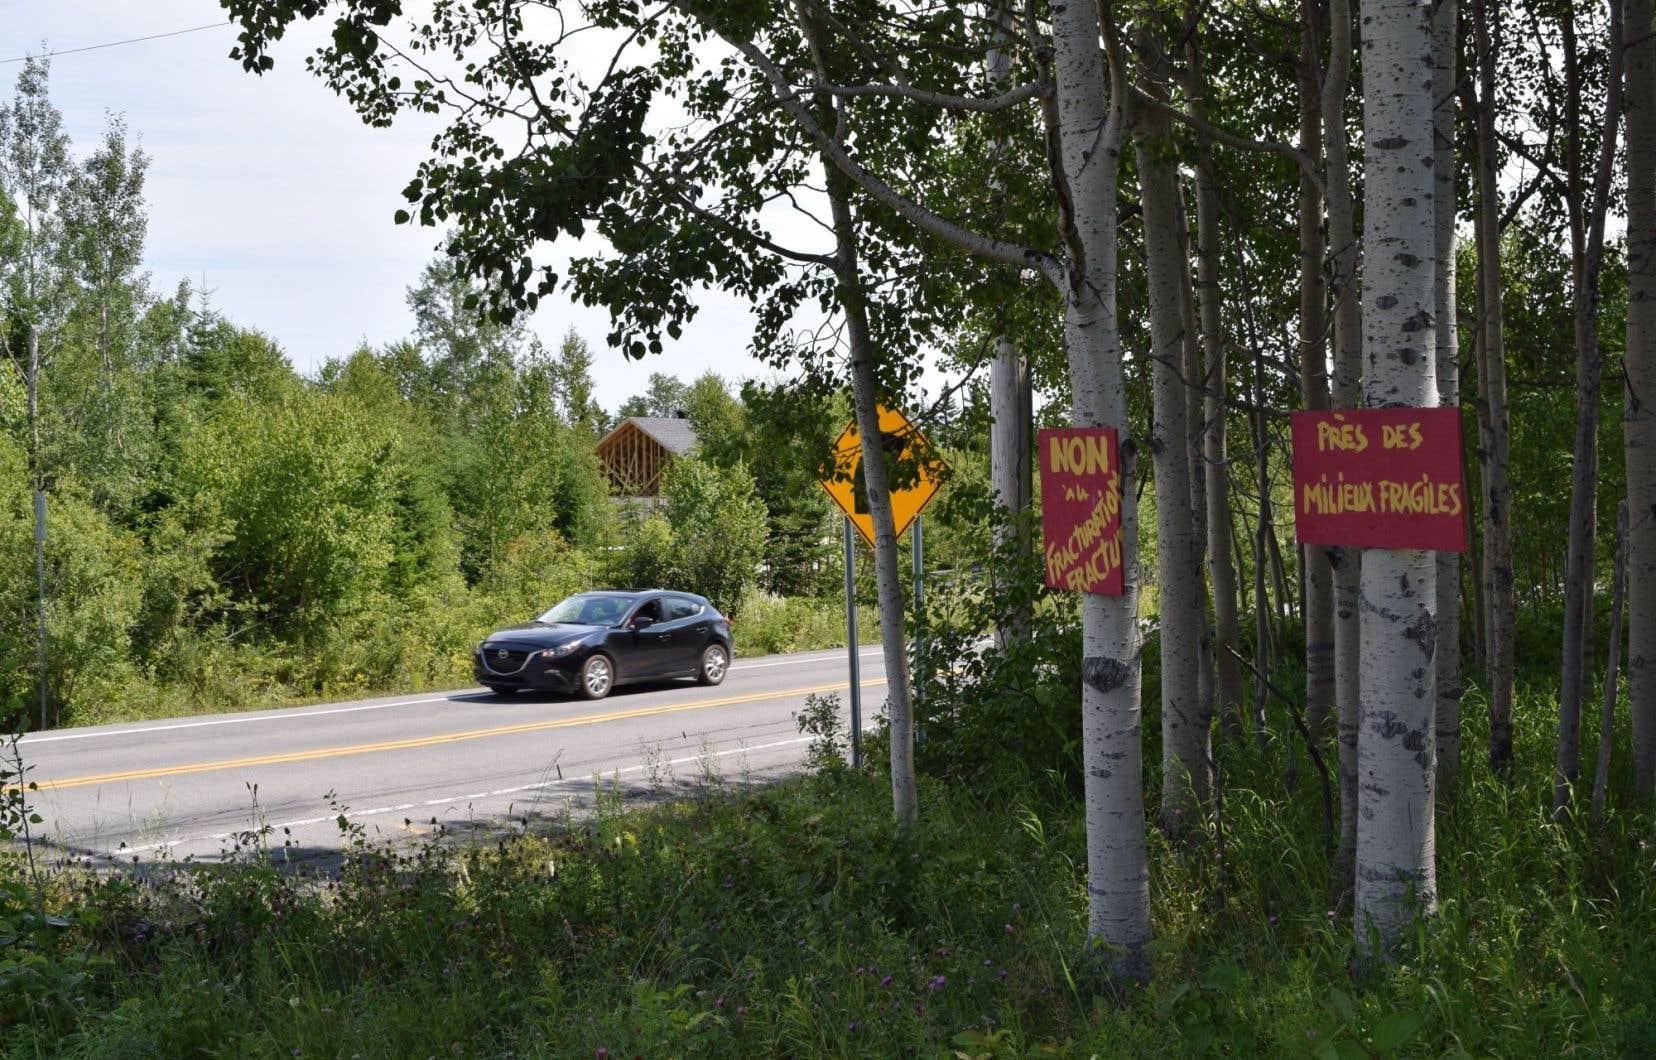 Dans la région de Gaspé, certains opposants à l'exploitation pétrolière affichent leur rejet des projets de Pétrolia à l'entrée de leur terrain.